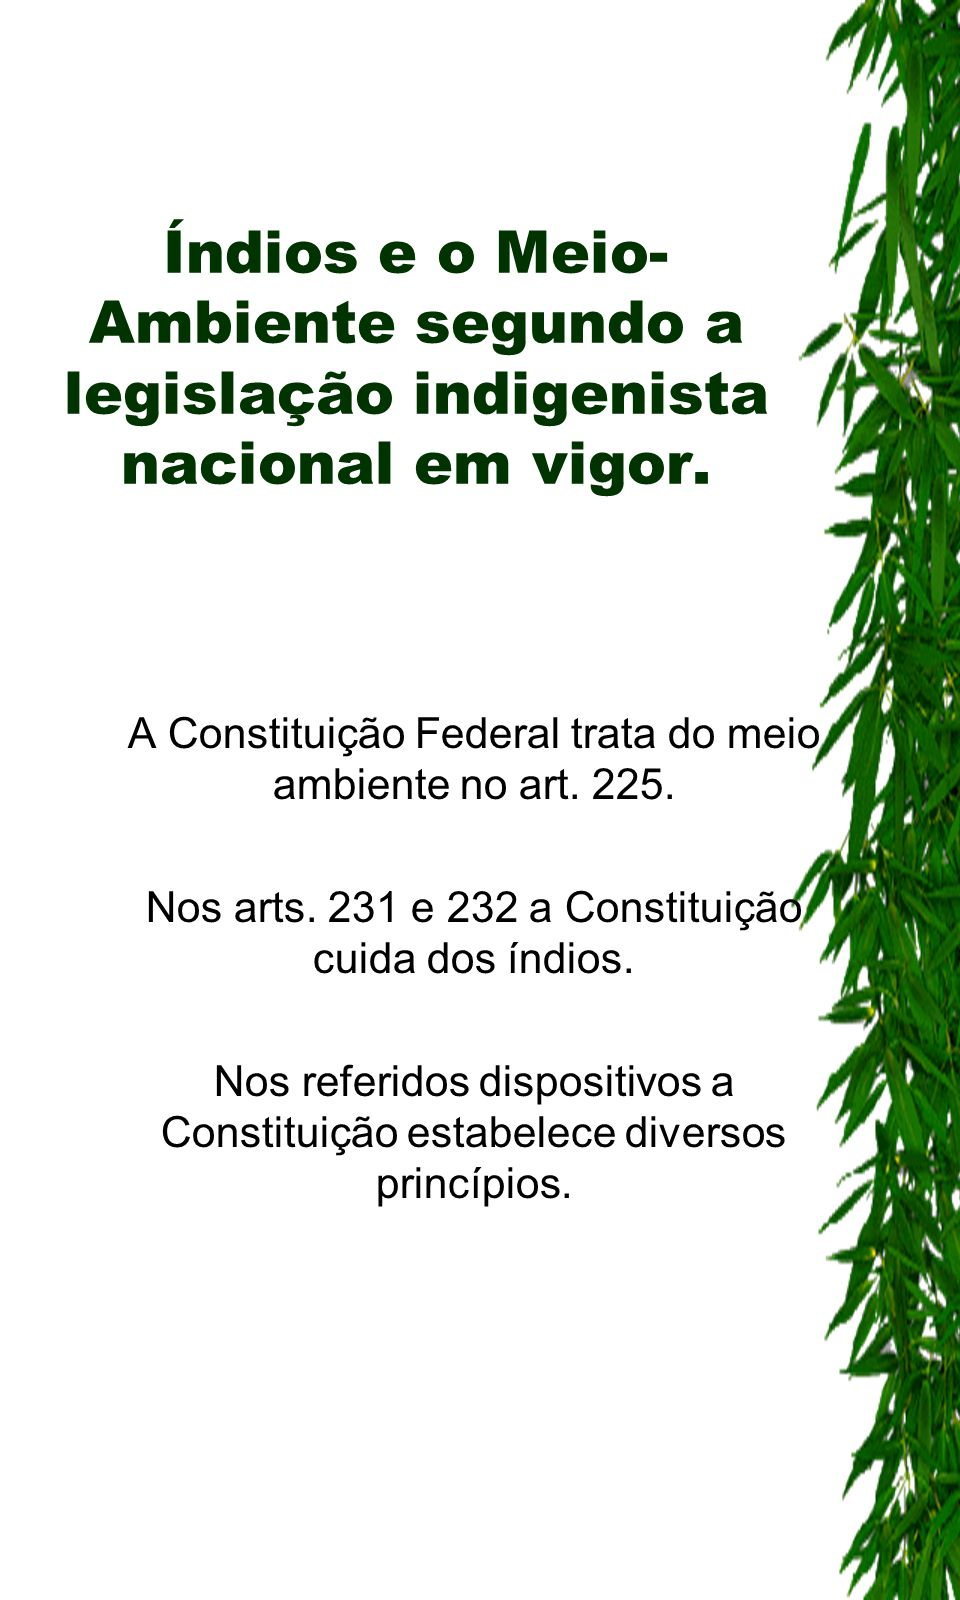 Índios e o Meio-Ambiente segundo a legislação indigenista nacional em vigor.